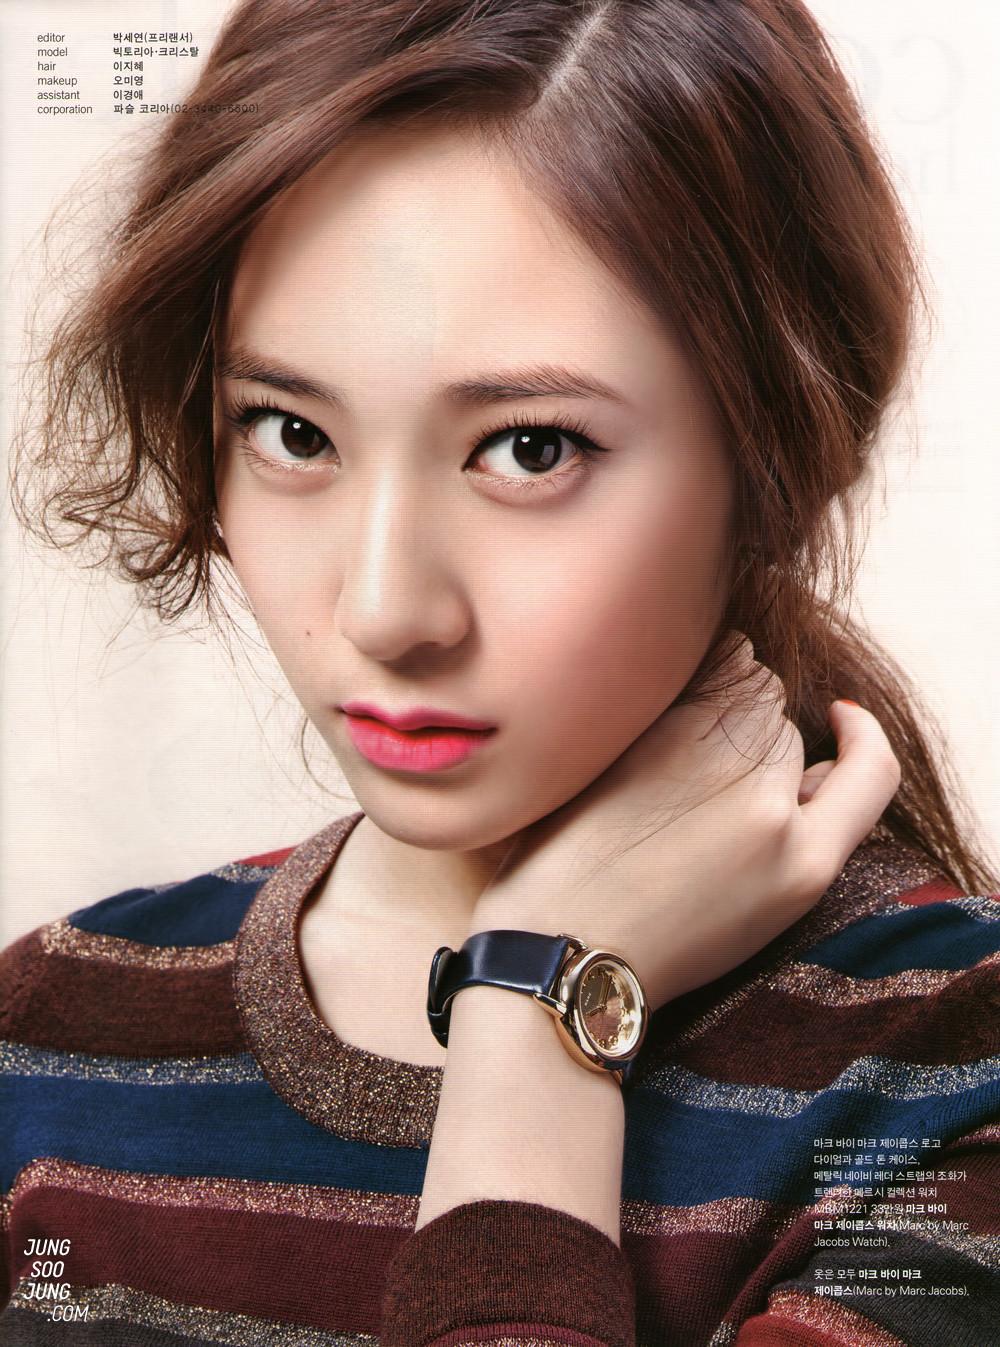 Krystal - f(x) 에프엑스 Photo (34199712) - Fanpop F(x) Krystal